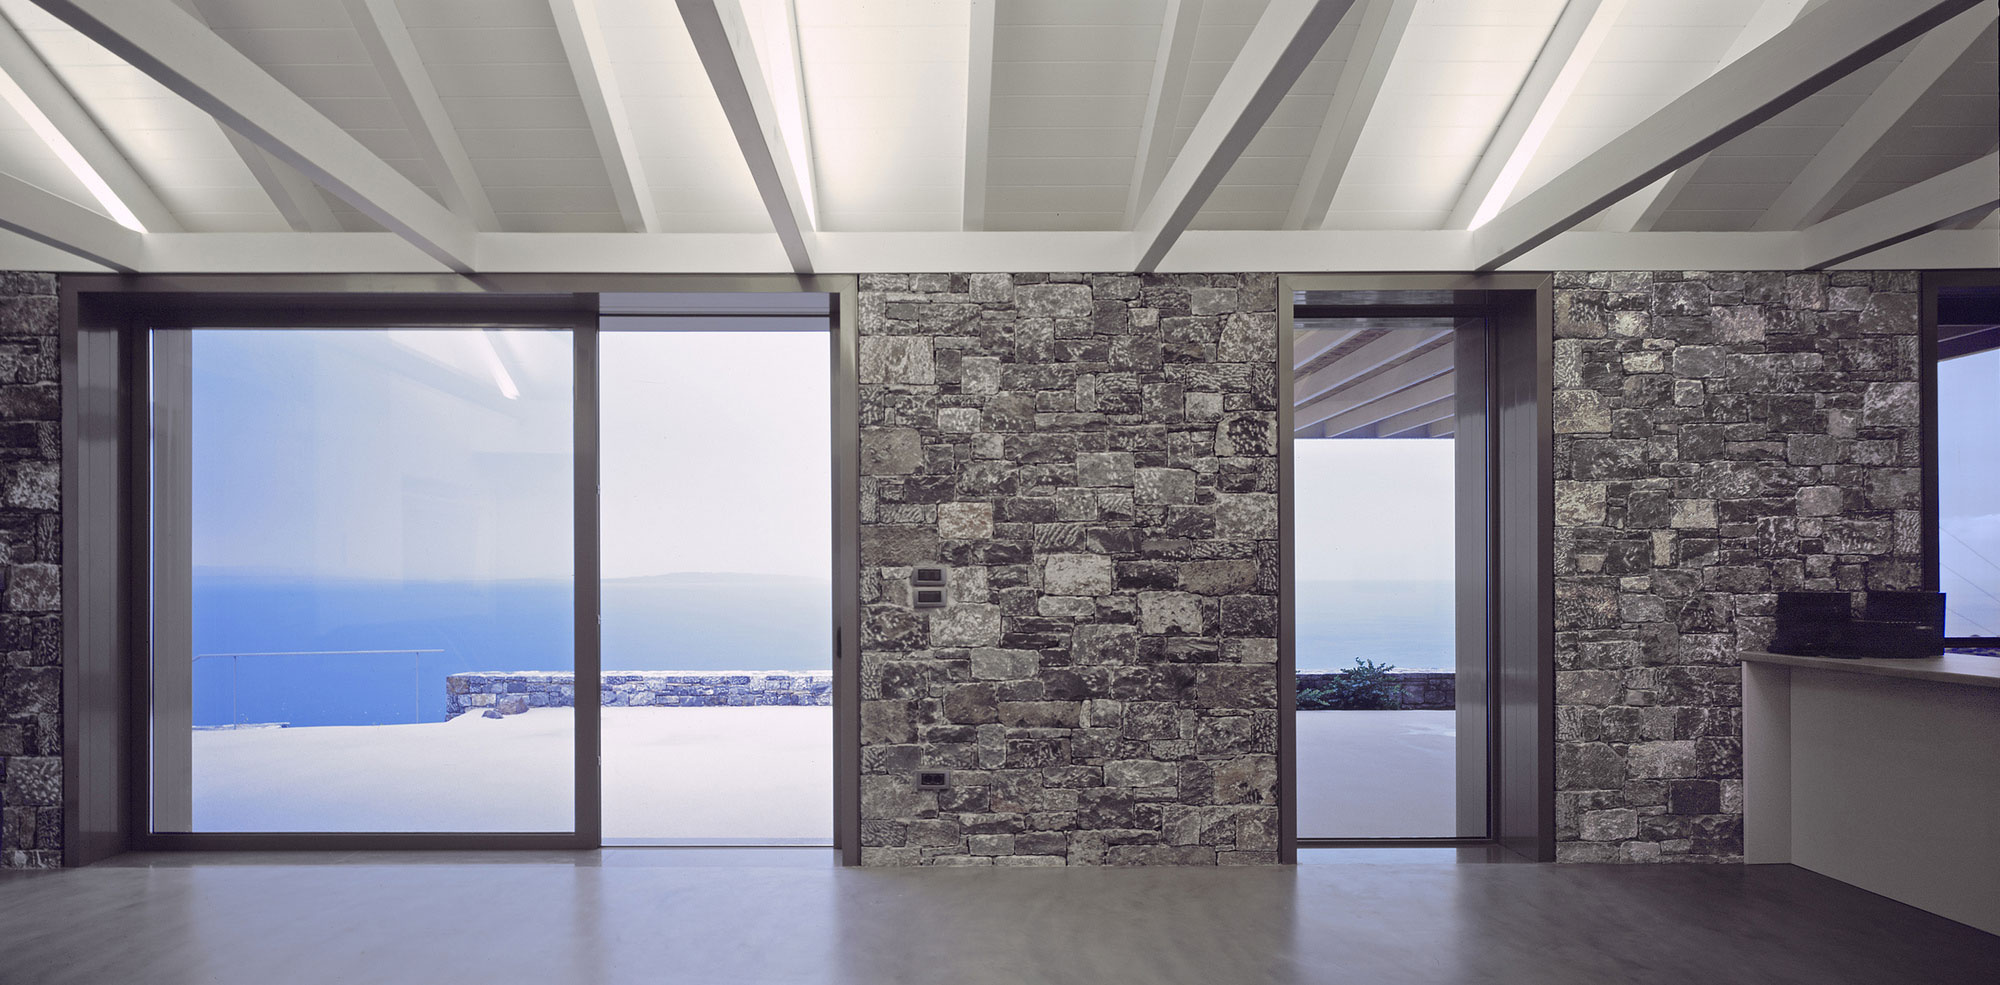 Melana Residence by Valia Foufa & Panagiotis Papassotiriou-08